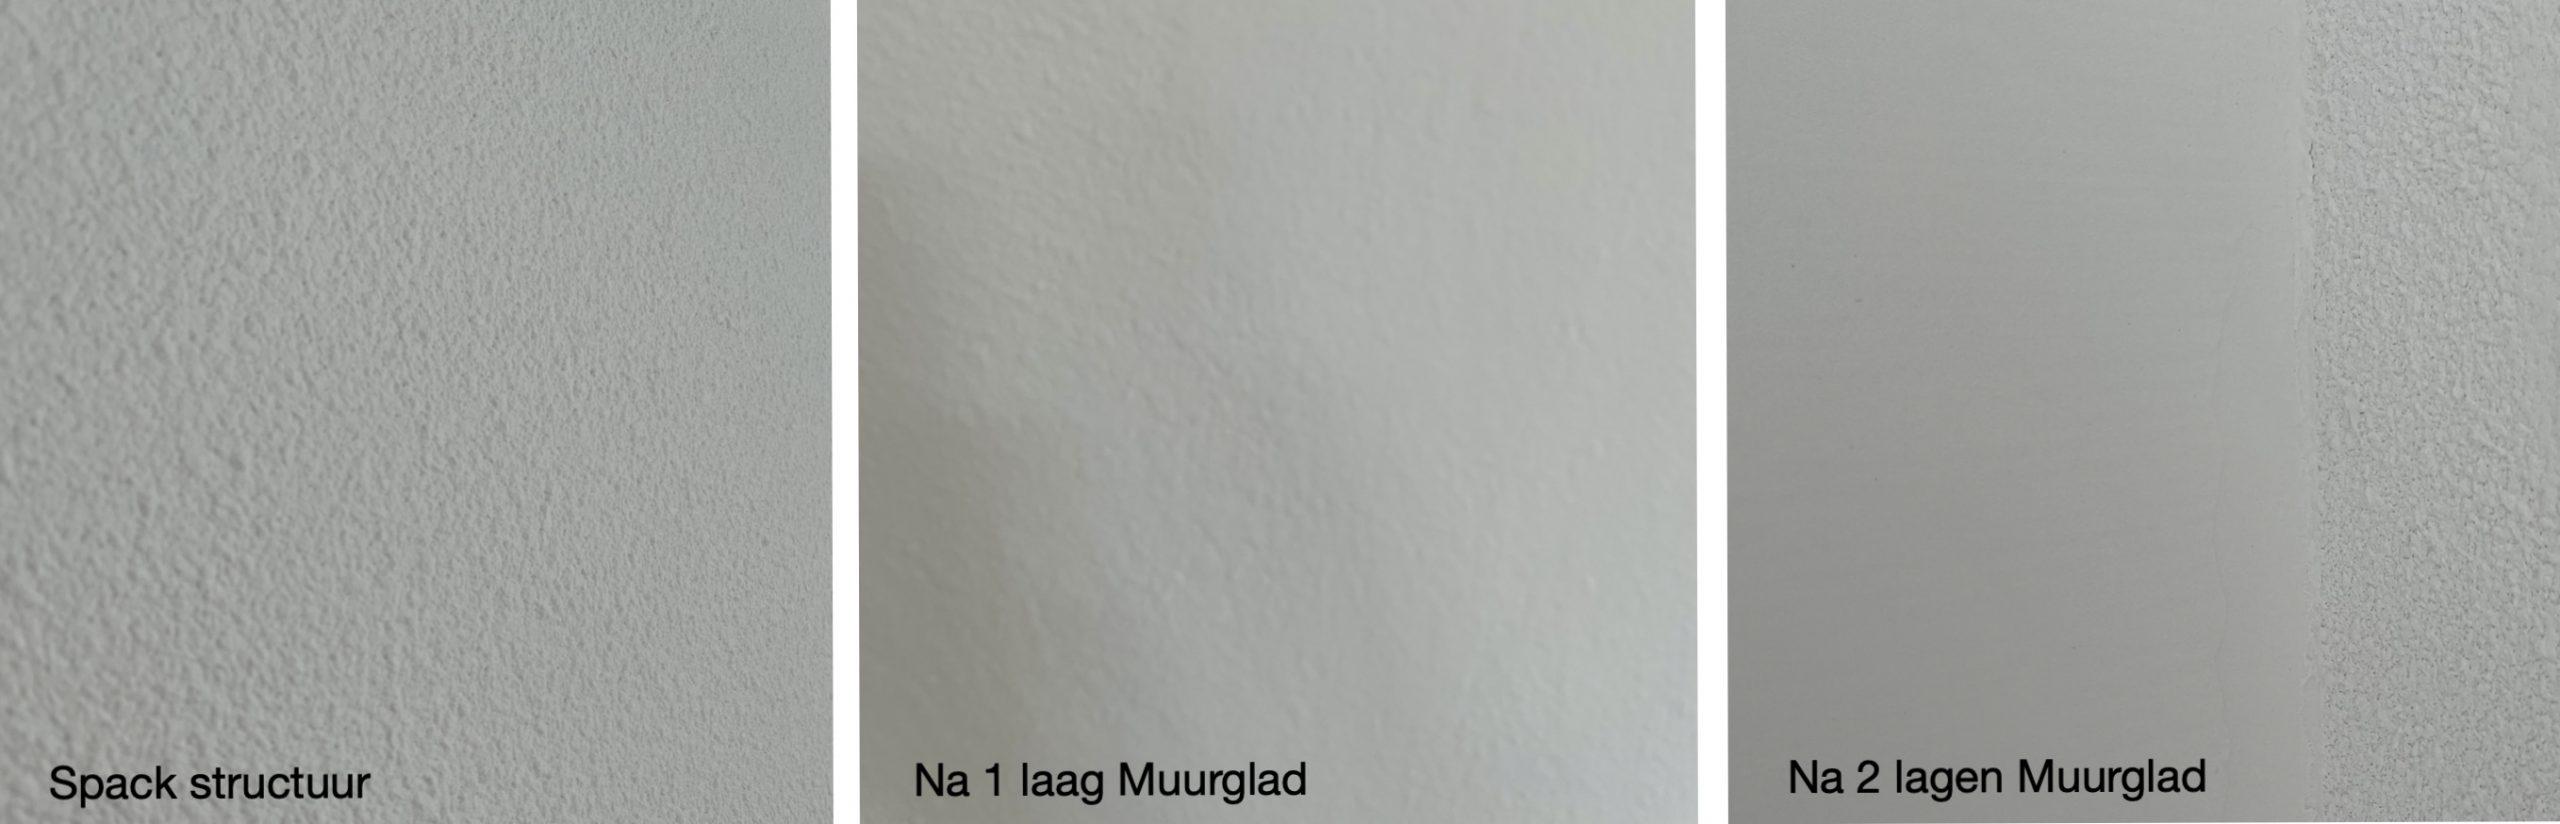 Albastine Muurglad review